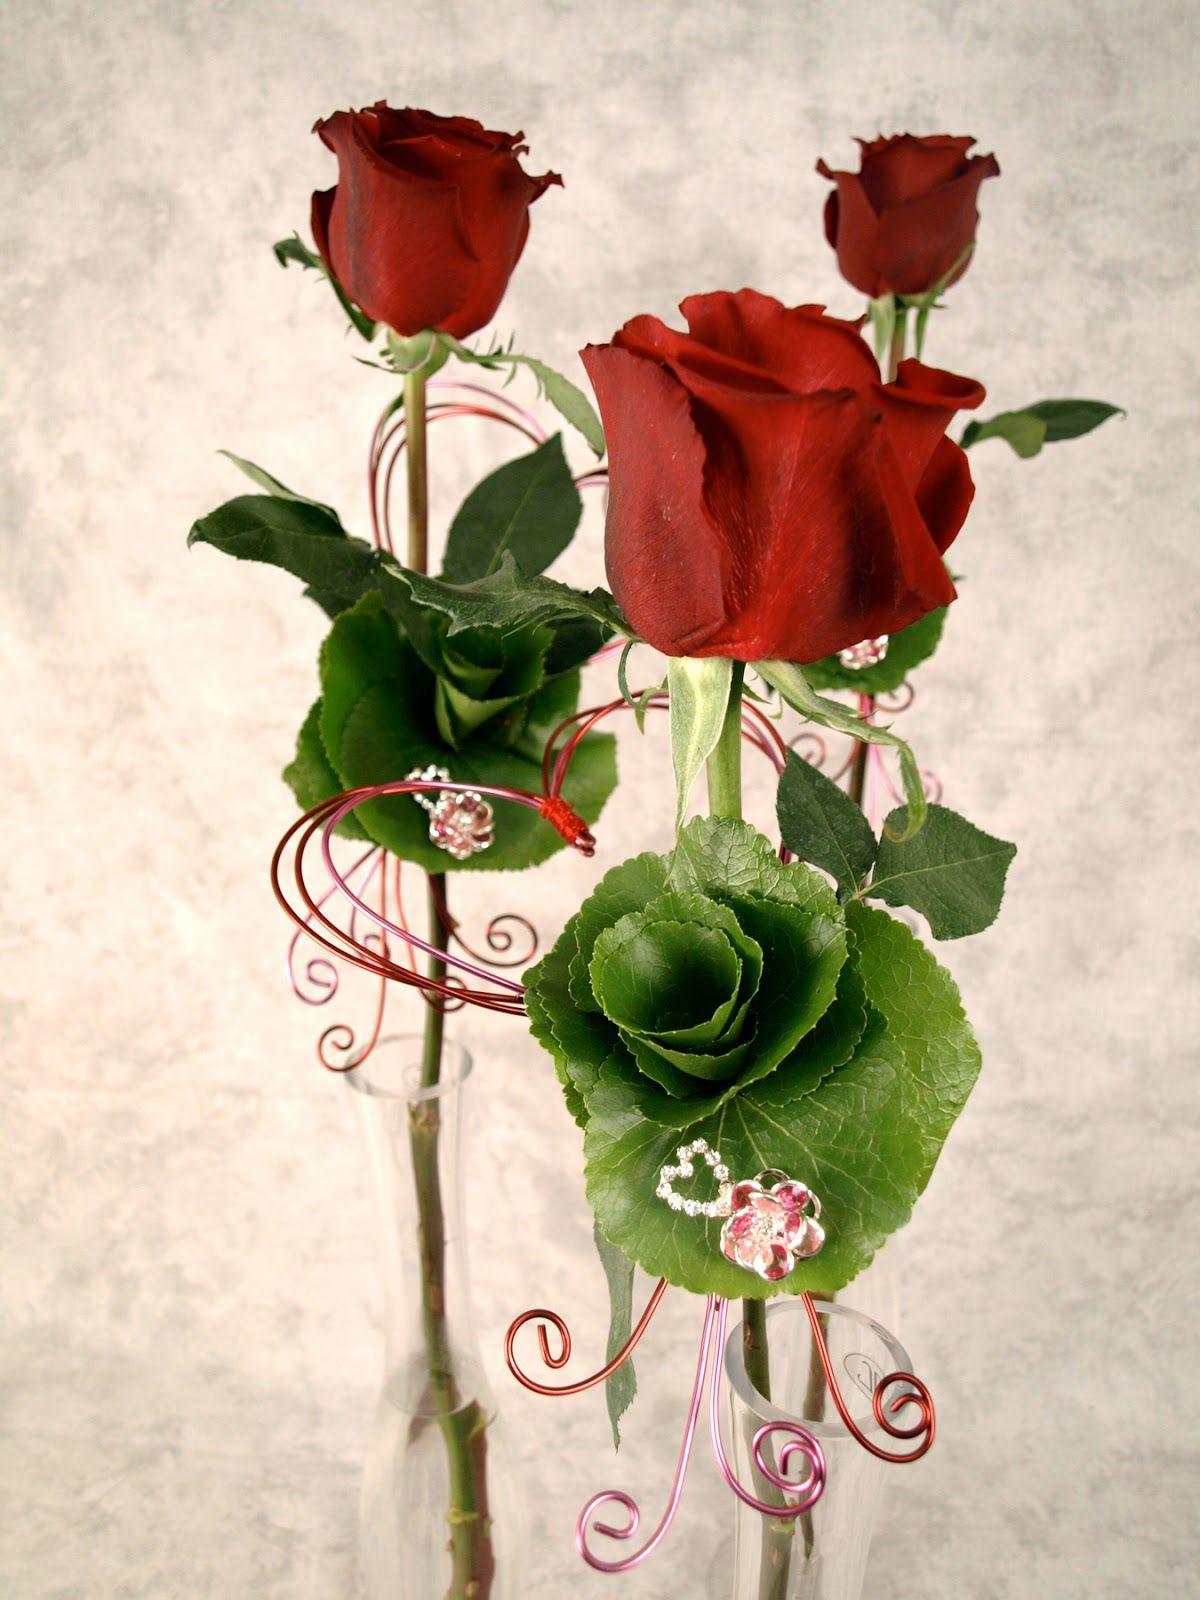 25 fotos de rosas rojas arreglos florales y postales para el Da del Amor y